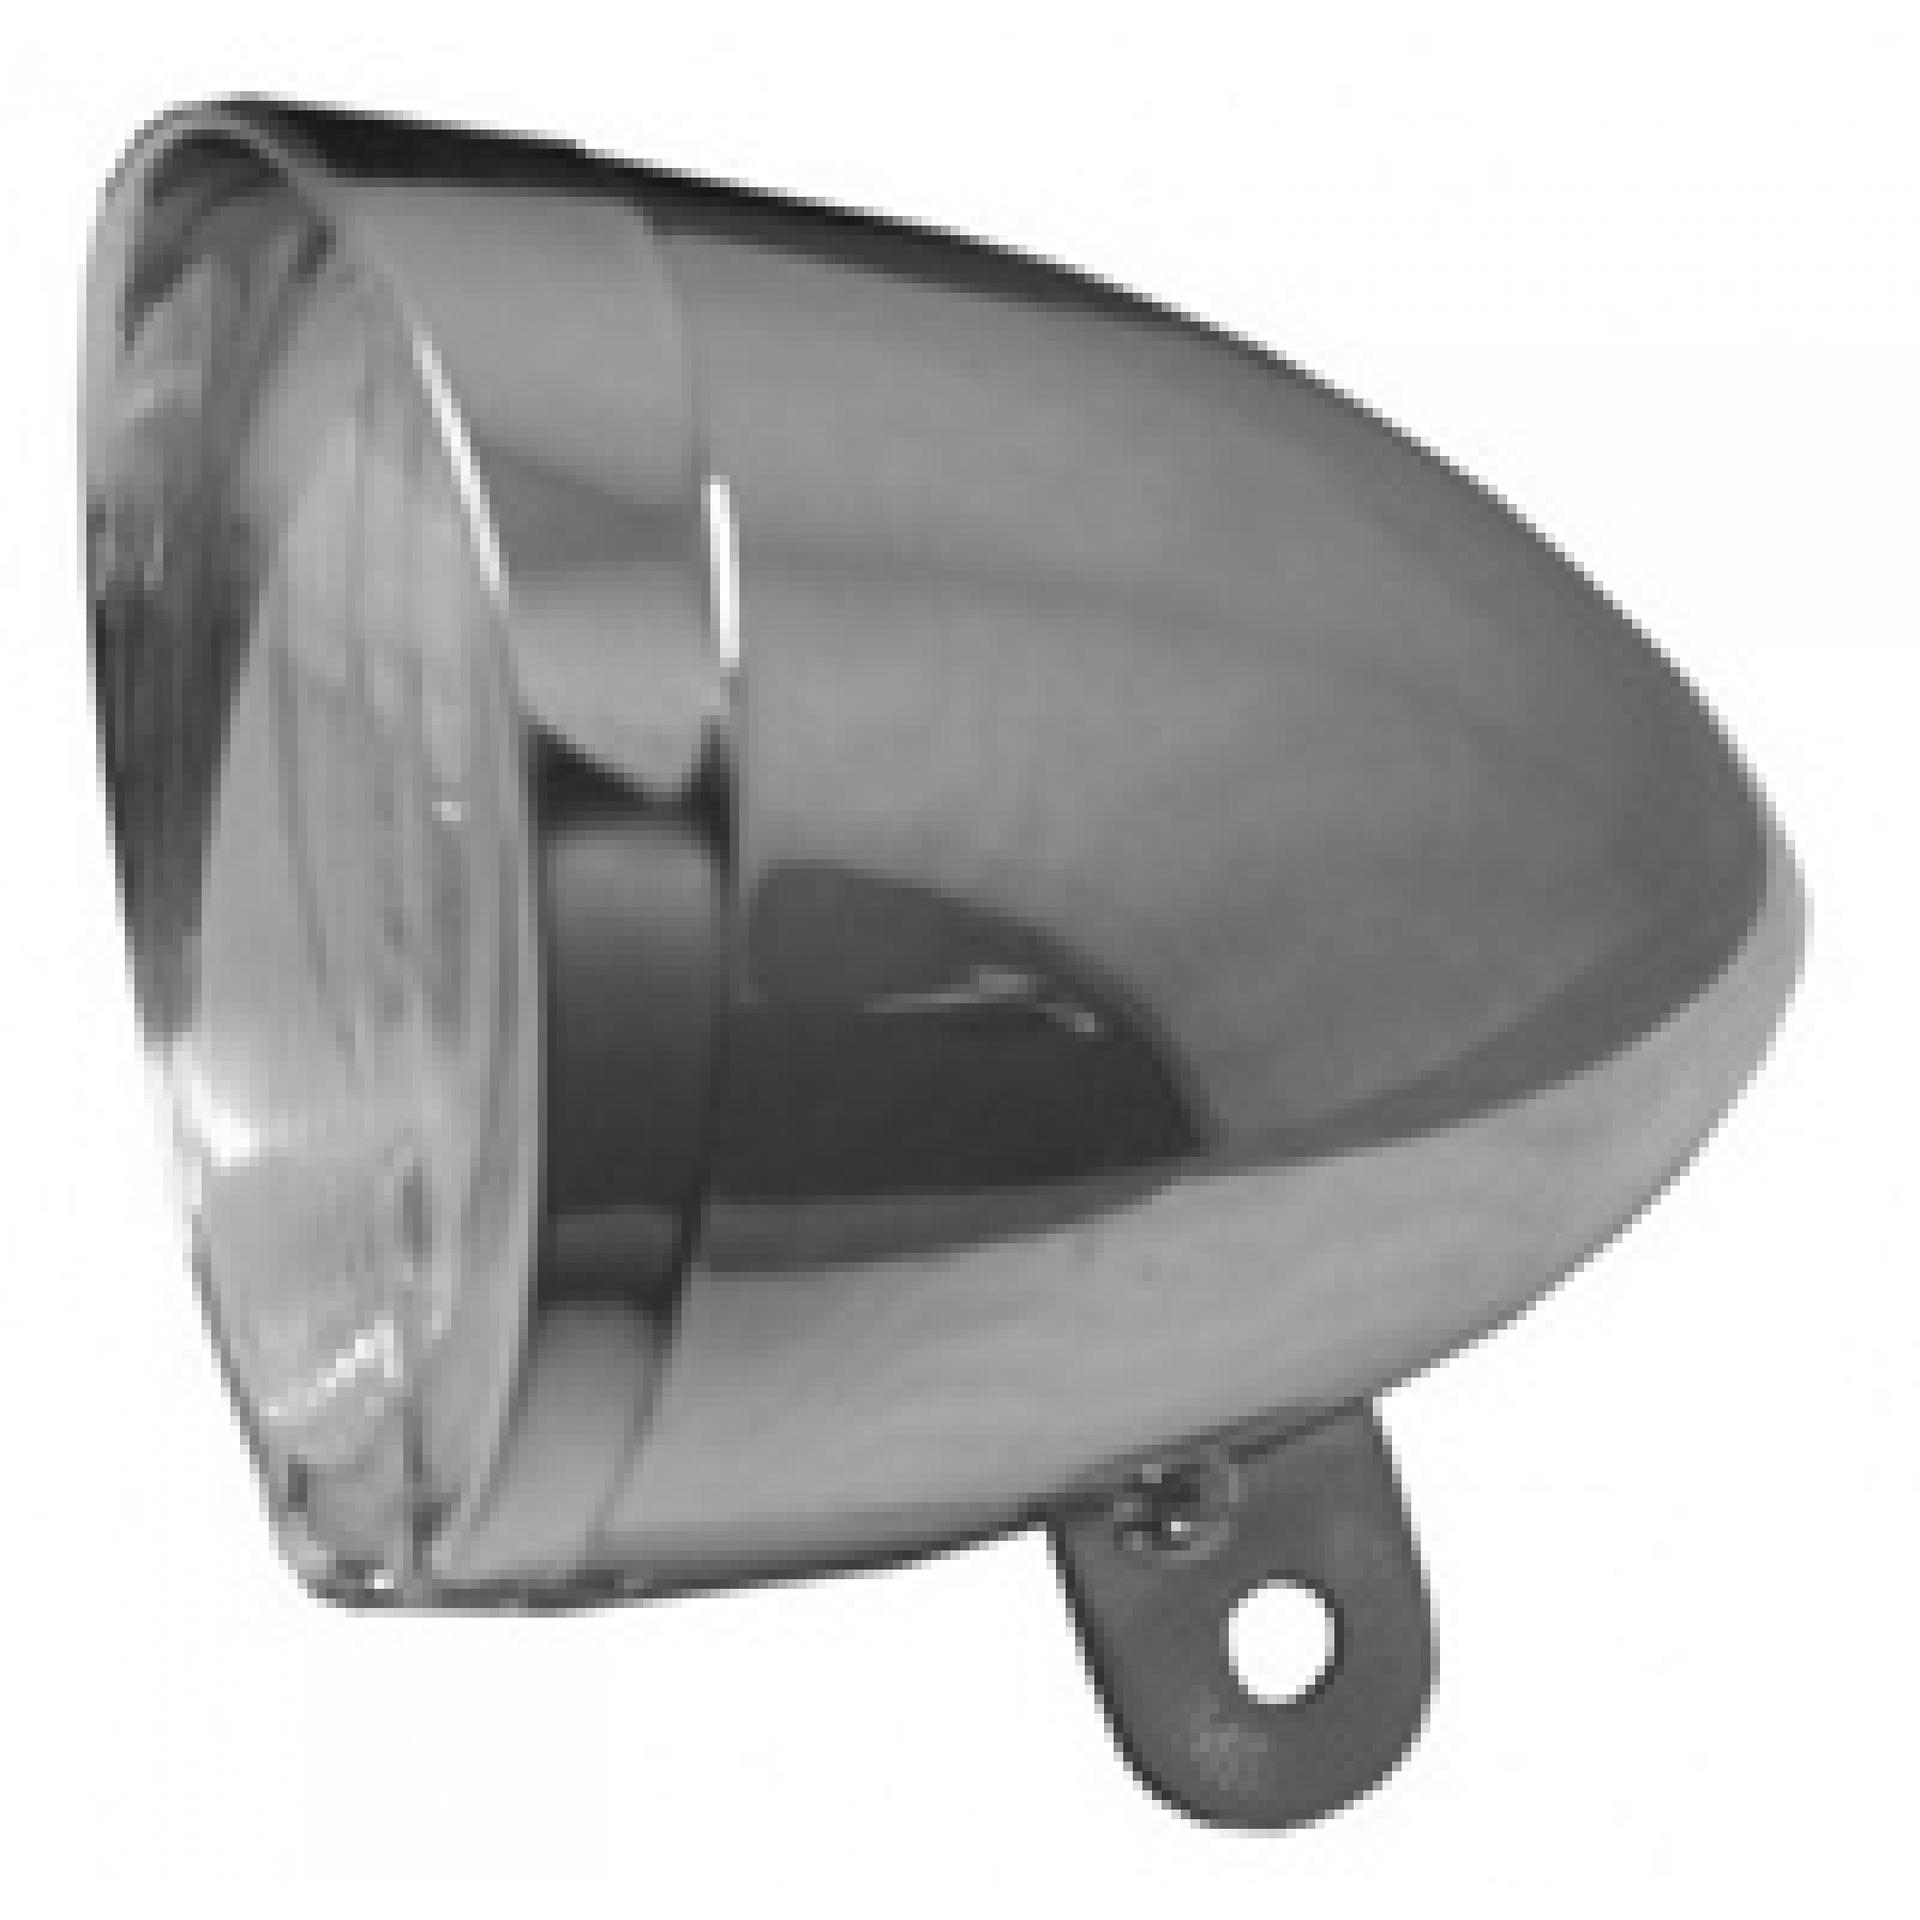 Lampka rowerowa JY-514 RETRO